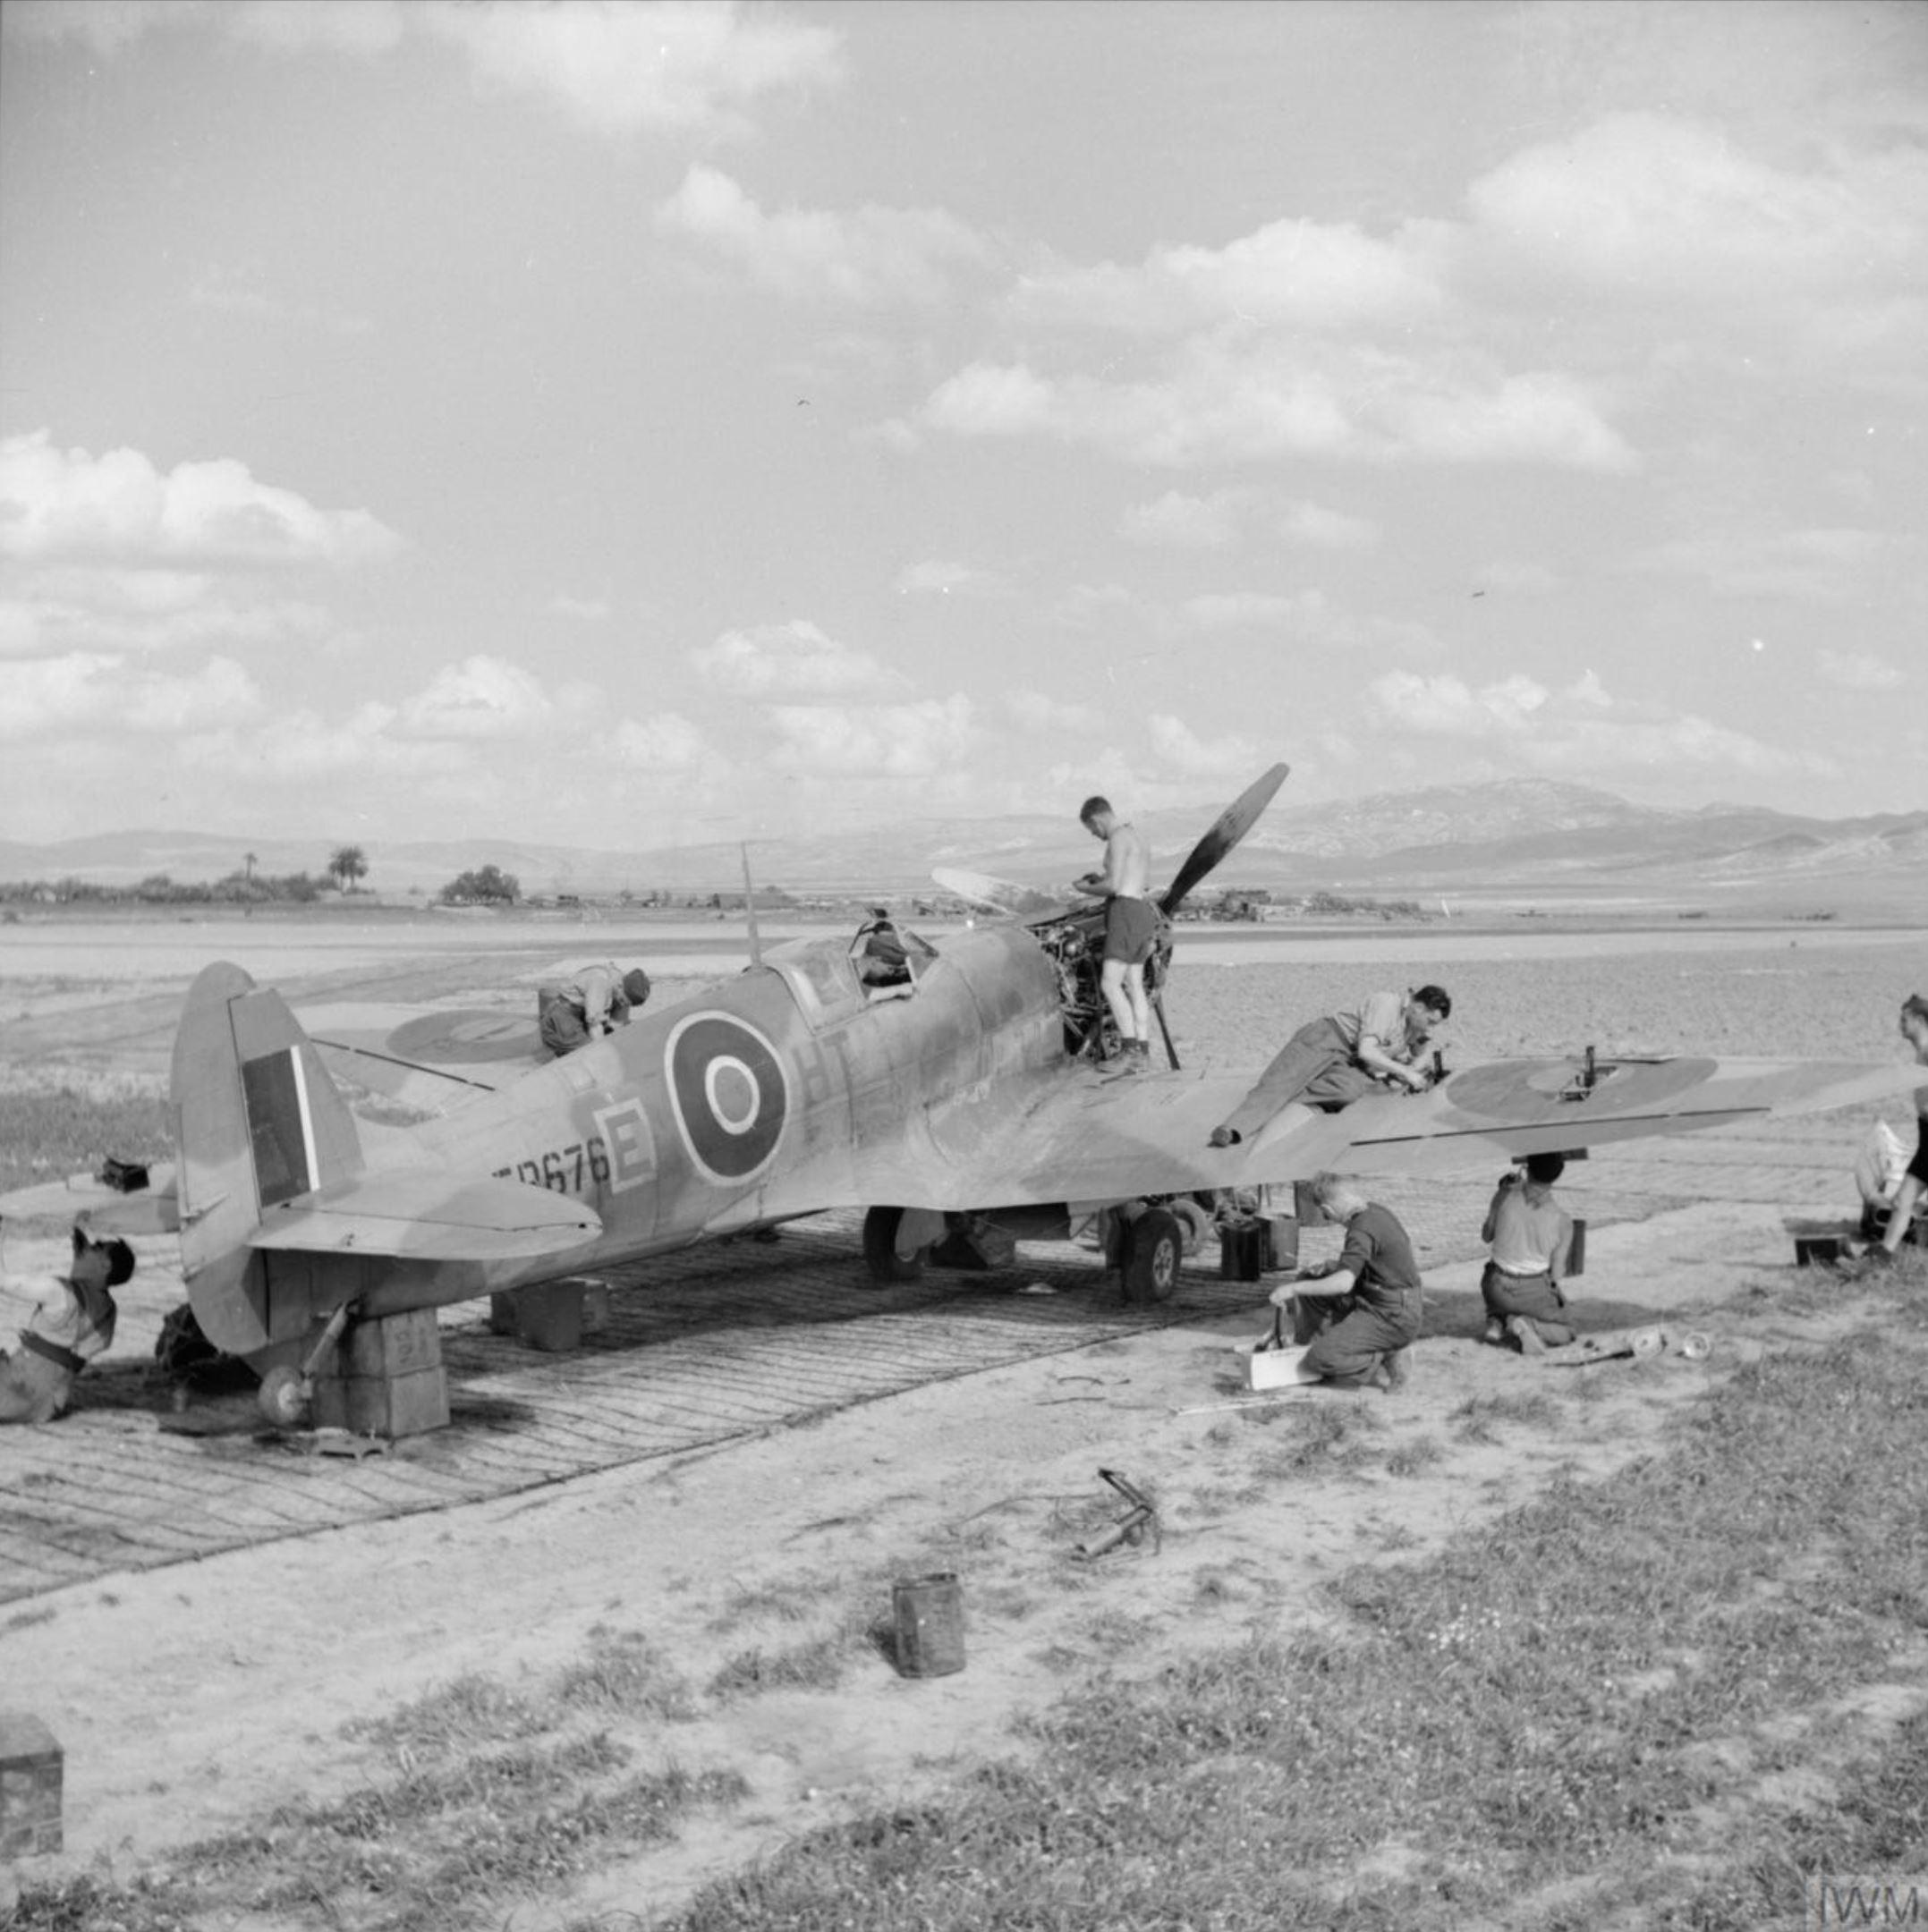 Spitfire MkVbTrop RAF 154Sqn HTE ER676 at Souk el Khemis Tunisia IWM CNA602